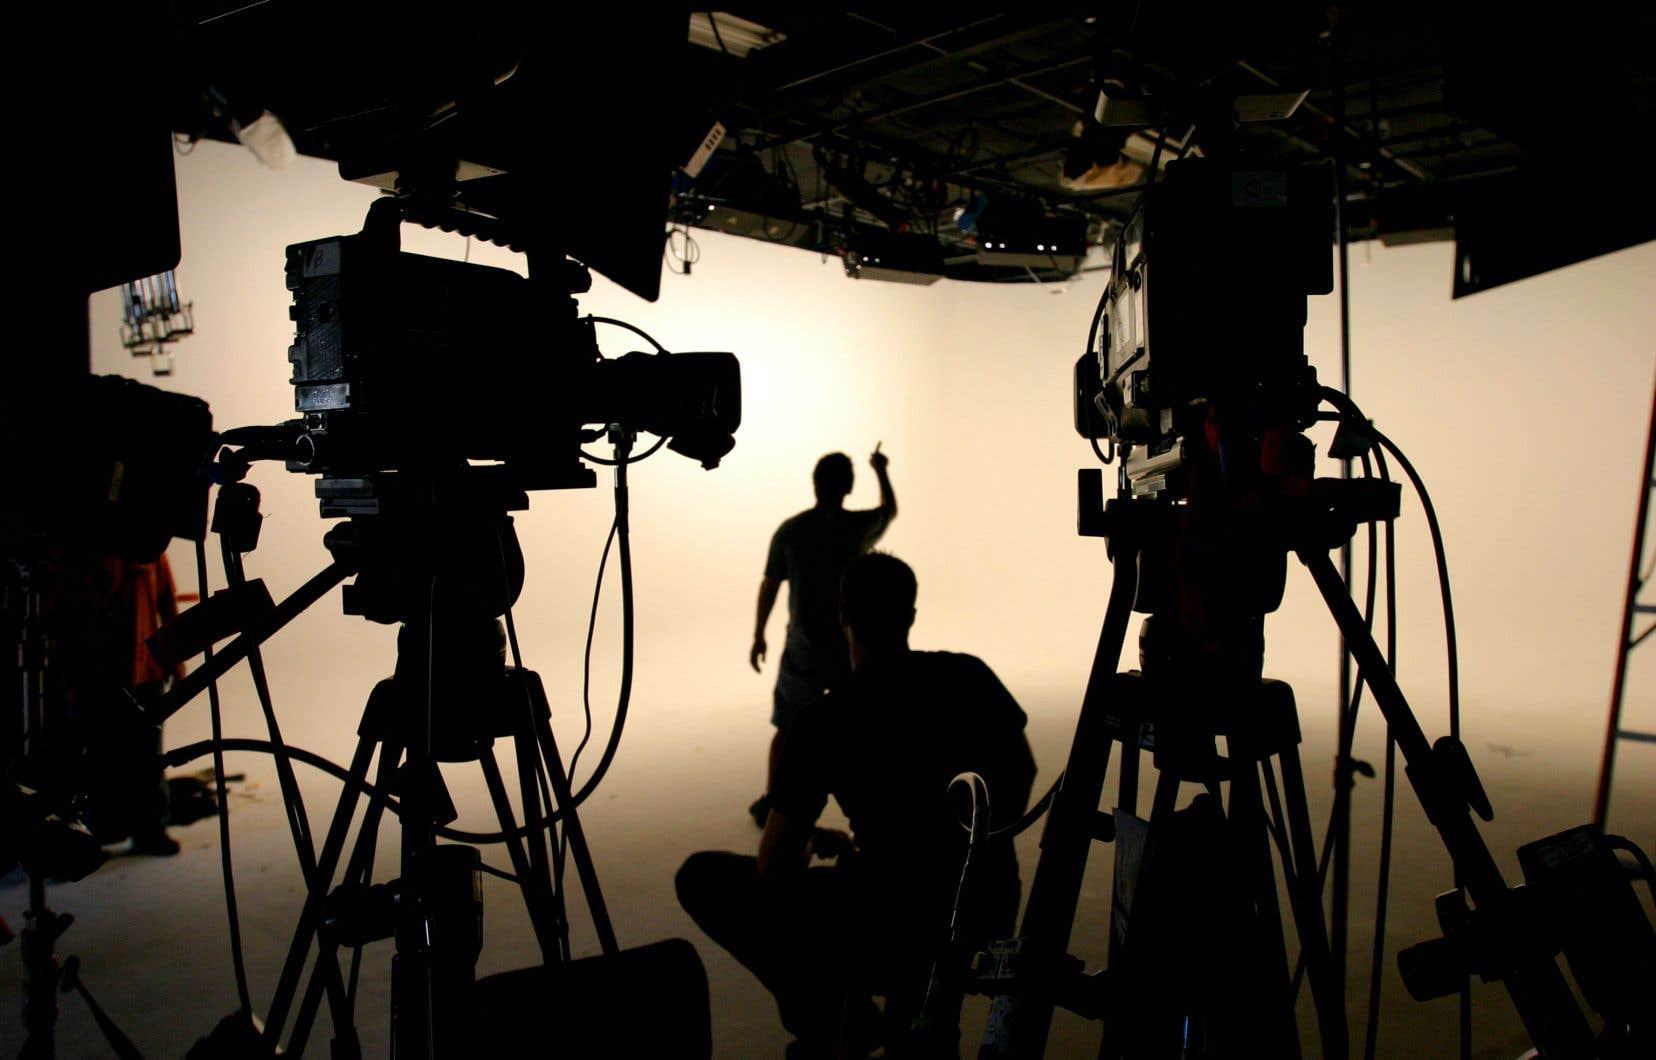 Sur les 75millions de dollars distribués par Téléfilm, 59%, soit 45,5millions, sont au bénéfice d'un film réalisé, produit ou scénarisé par une femme.